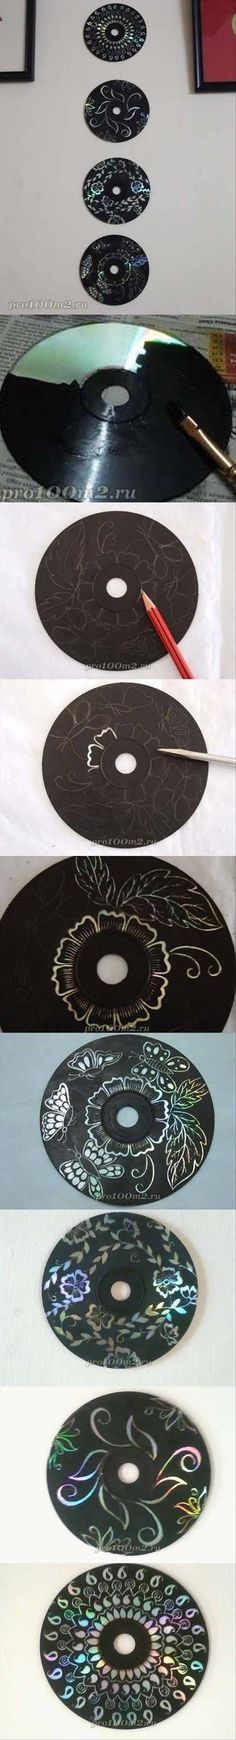 Transforma los CD que ya no usas en piezas de decoración hermosas.